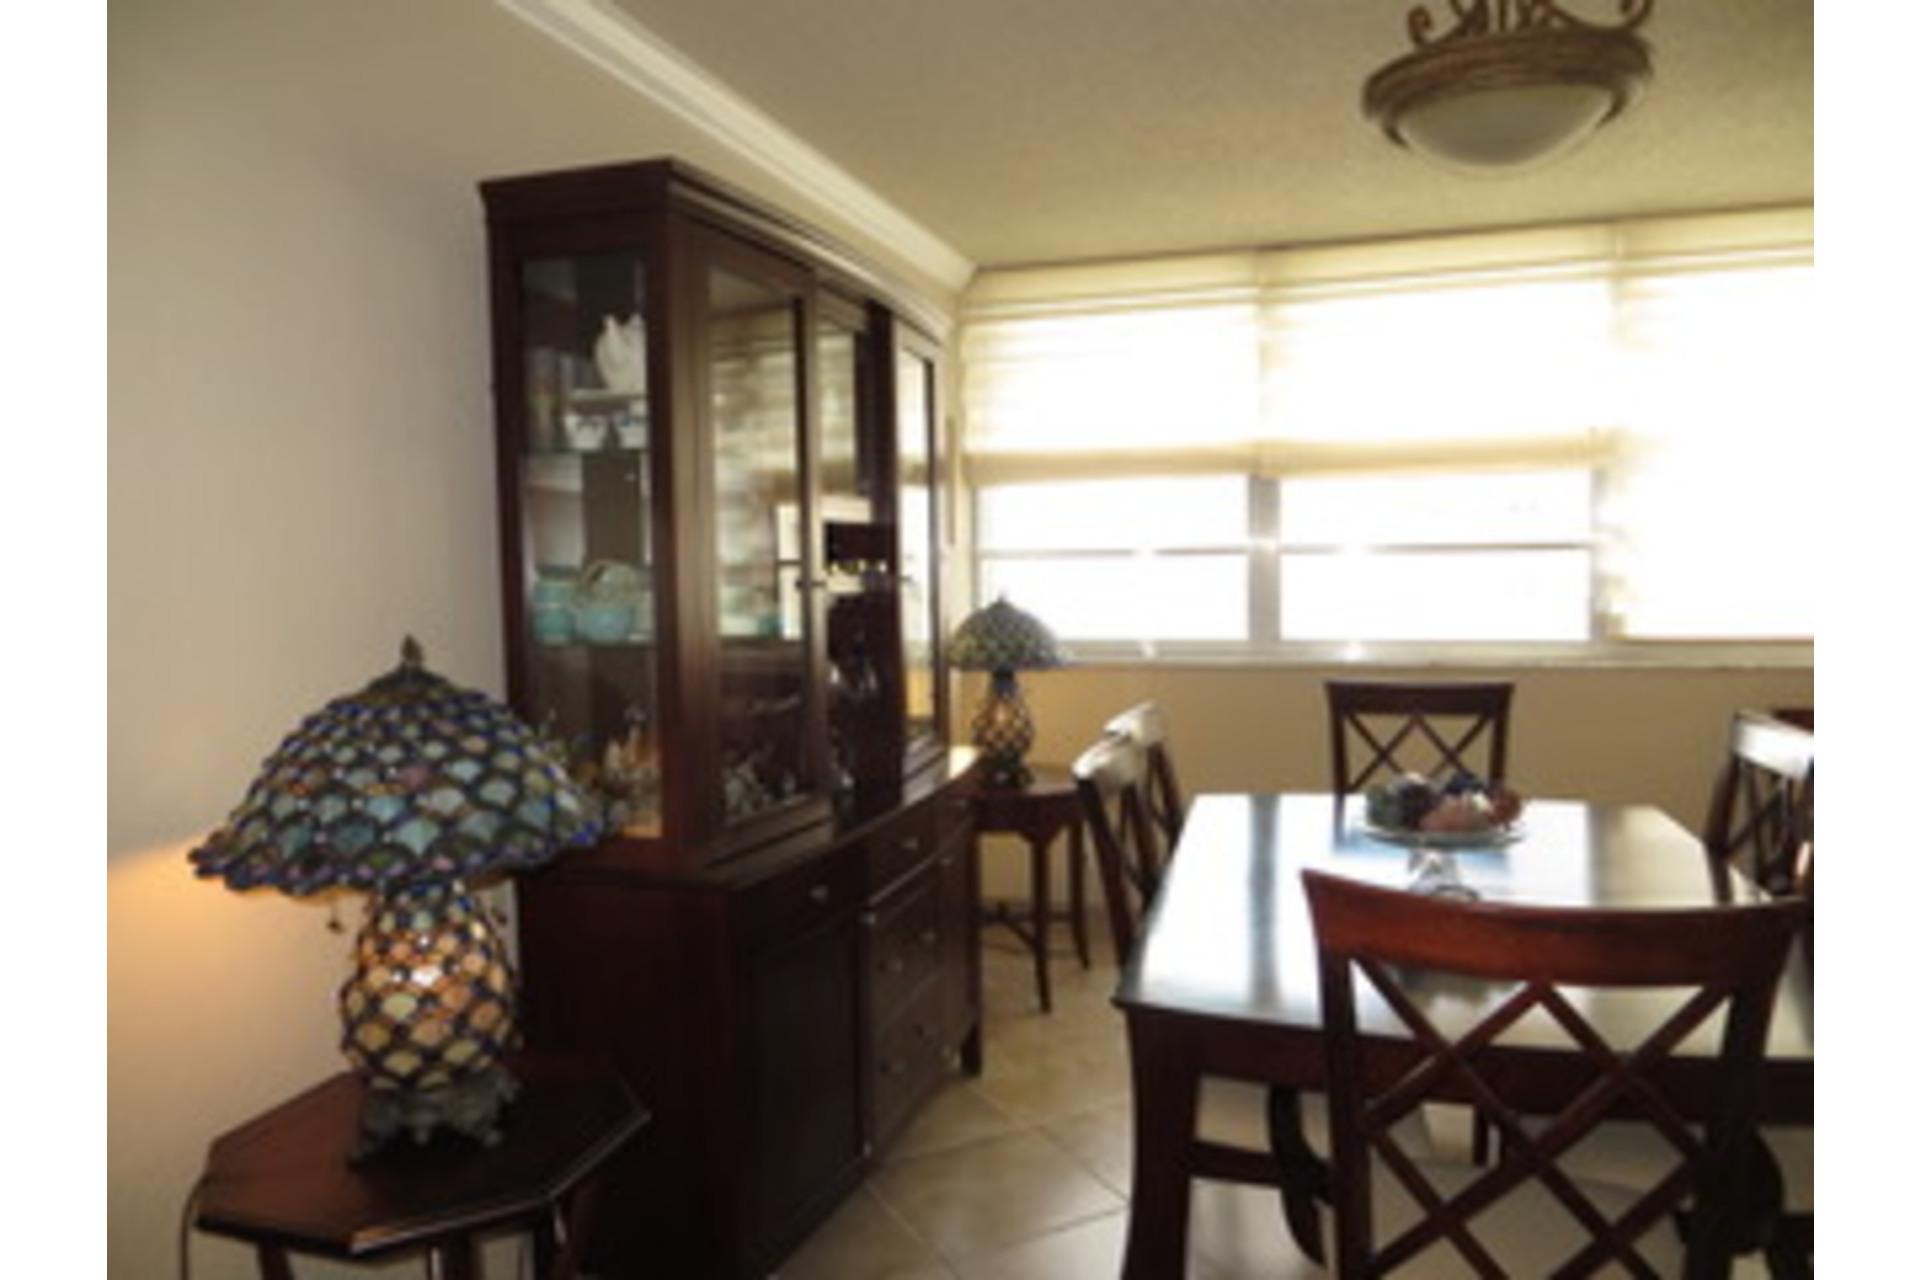 image 53 - Condo Short rental Hallandale Beach - 6 rooms